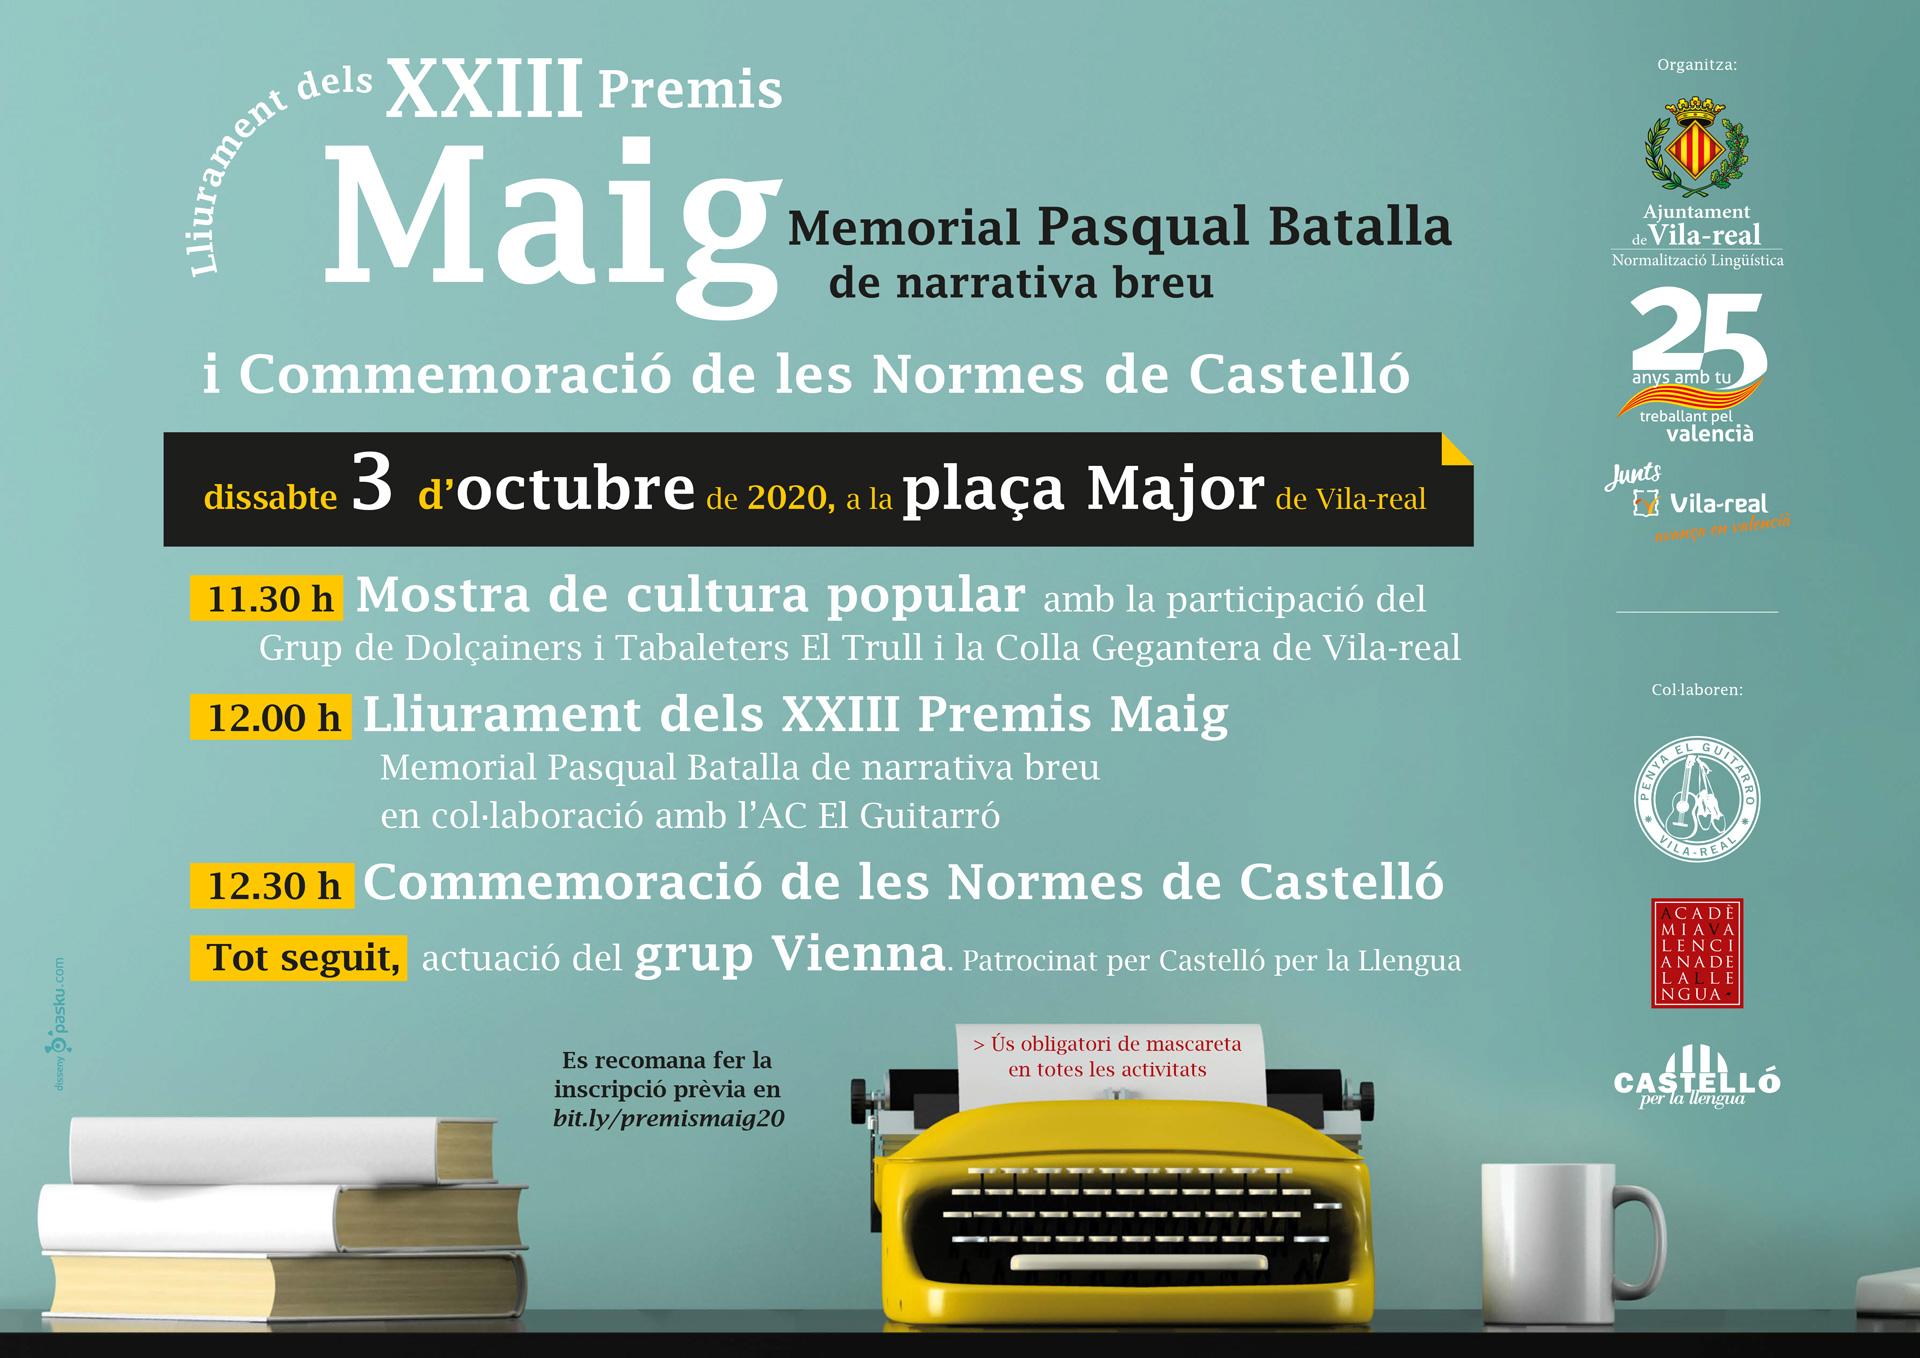 Normalización Lingüística celebra el 9 d'Octubre con una programación especial en defensa del valenciano